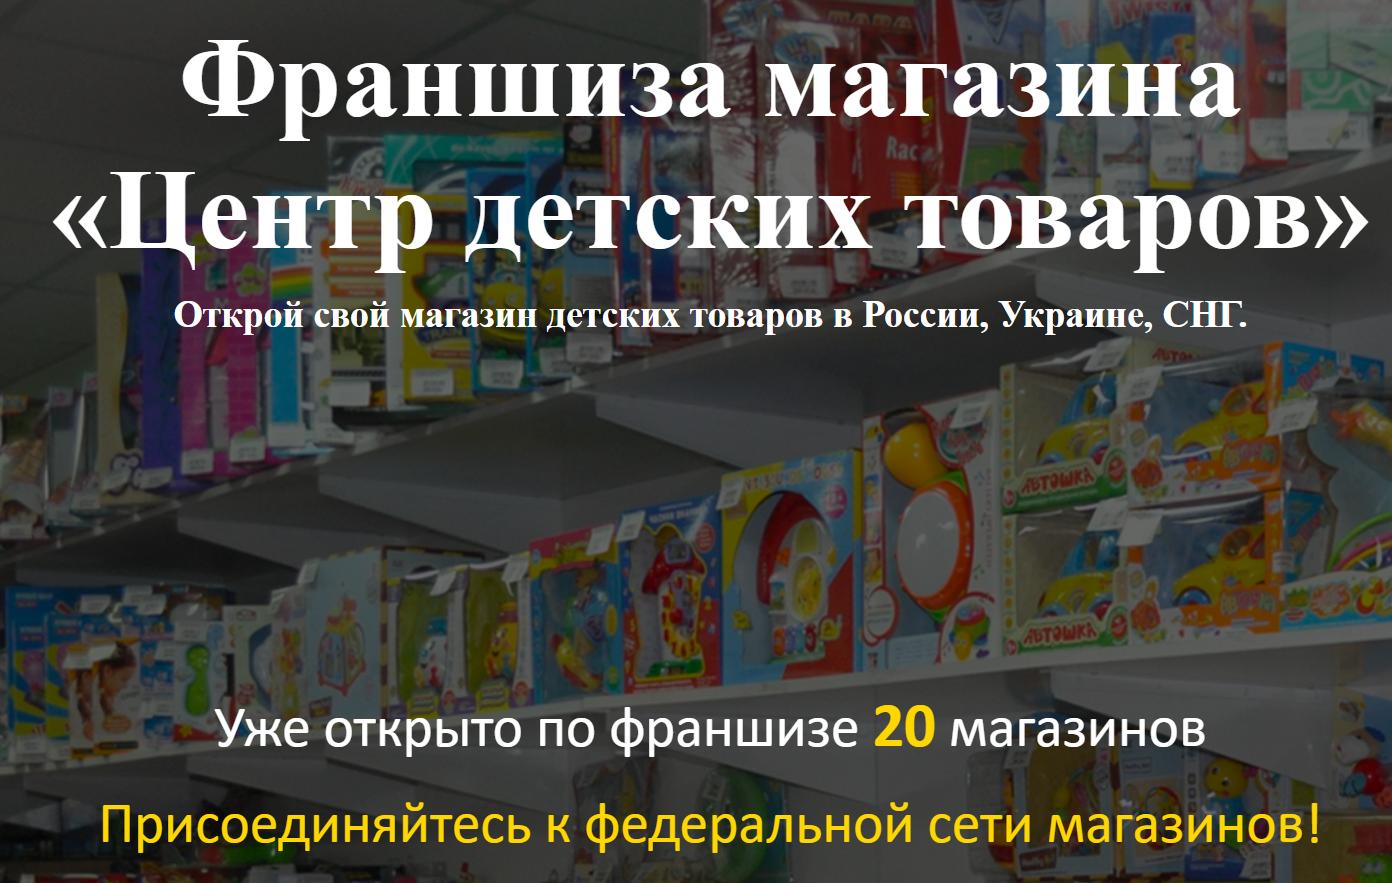 Центр детских товаров